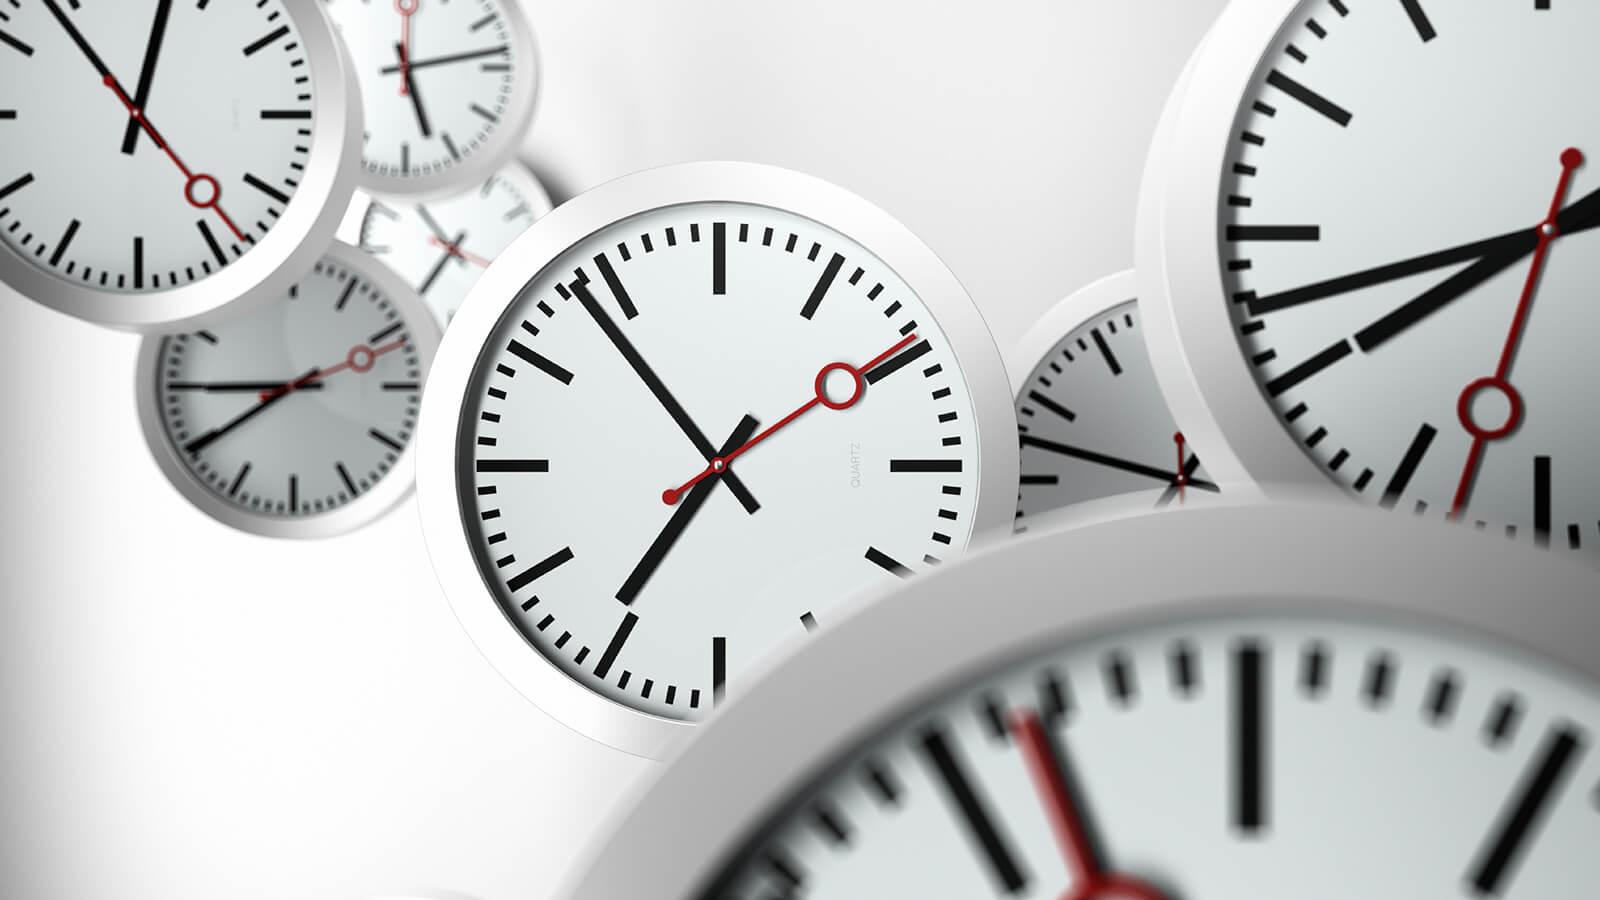 Çalışmaya Bağımlı Mısınız? Zaman Yönetimi İpuçları